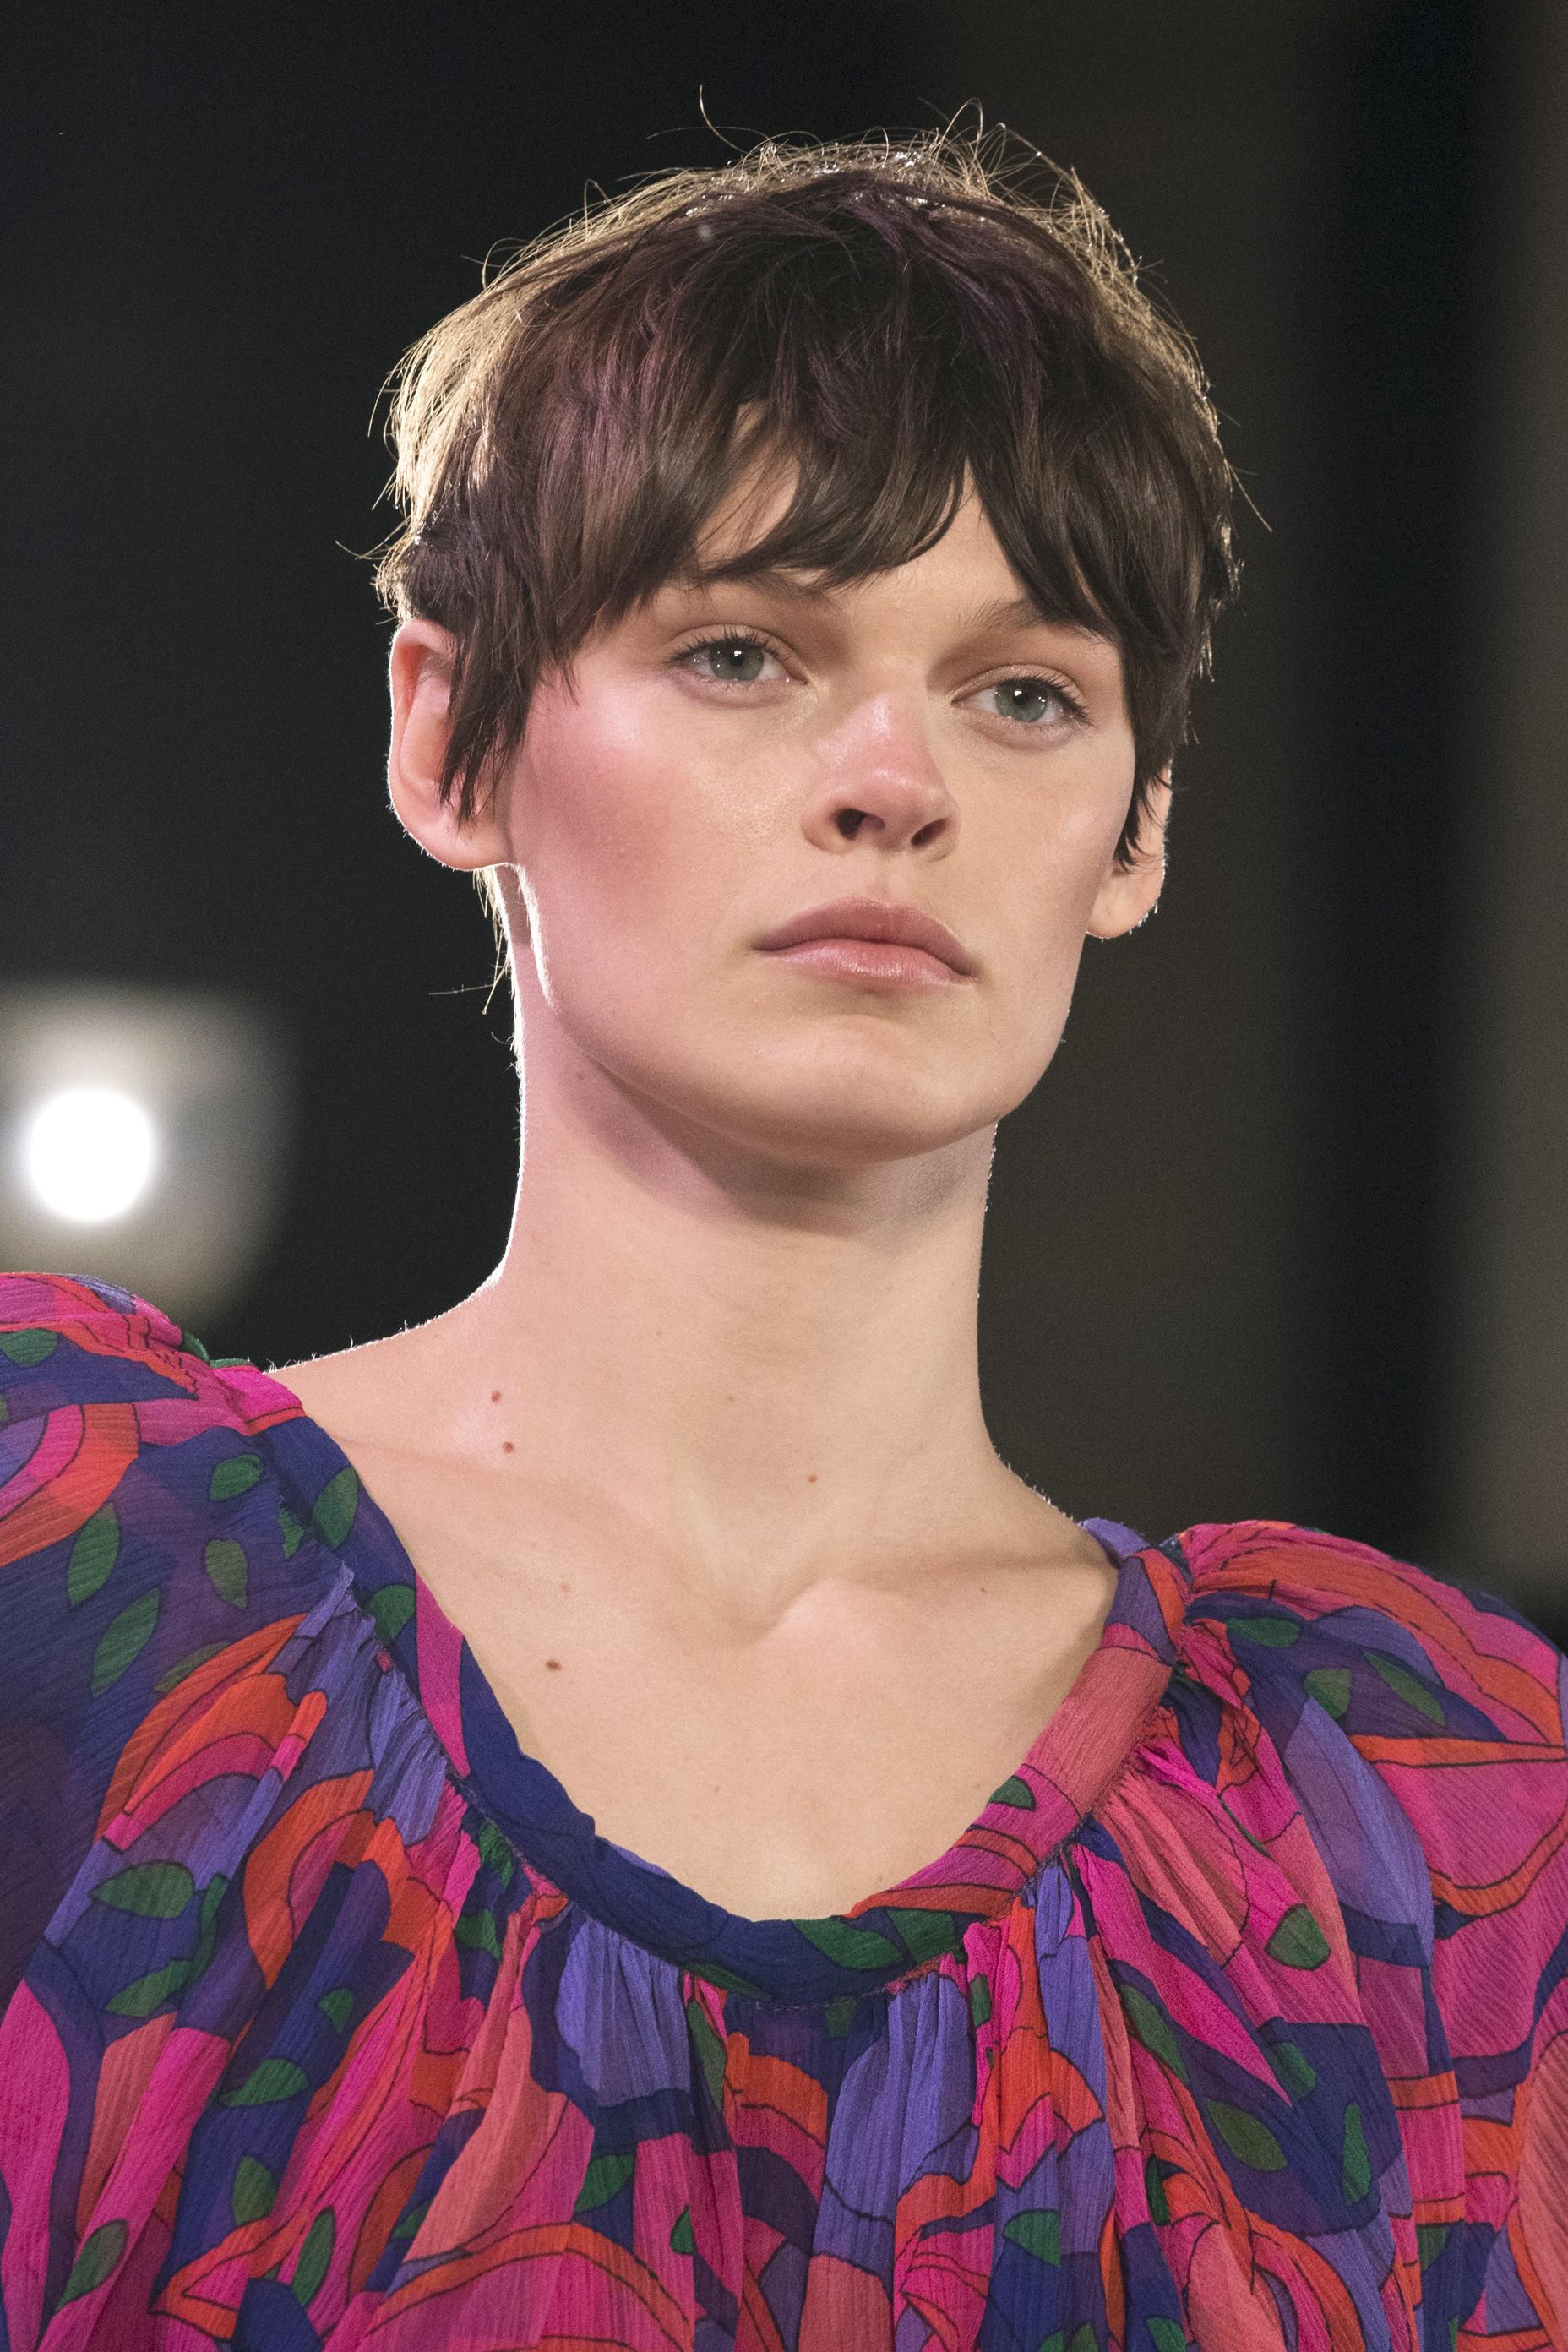 El corte de pelo pixie con flequillo efecto despeinado fue uno de los looks estrella del desfile de Isabel Marant de cara a la primavera-verano de 2022.